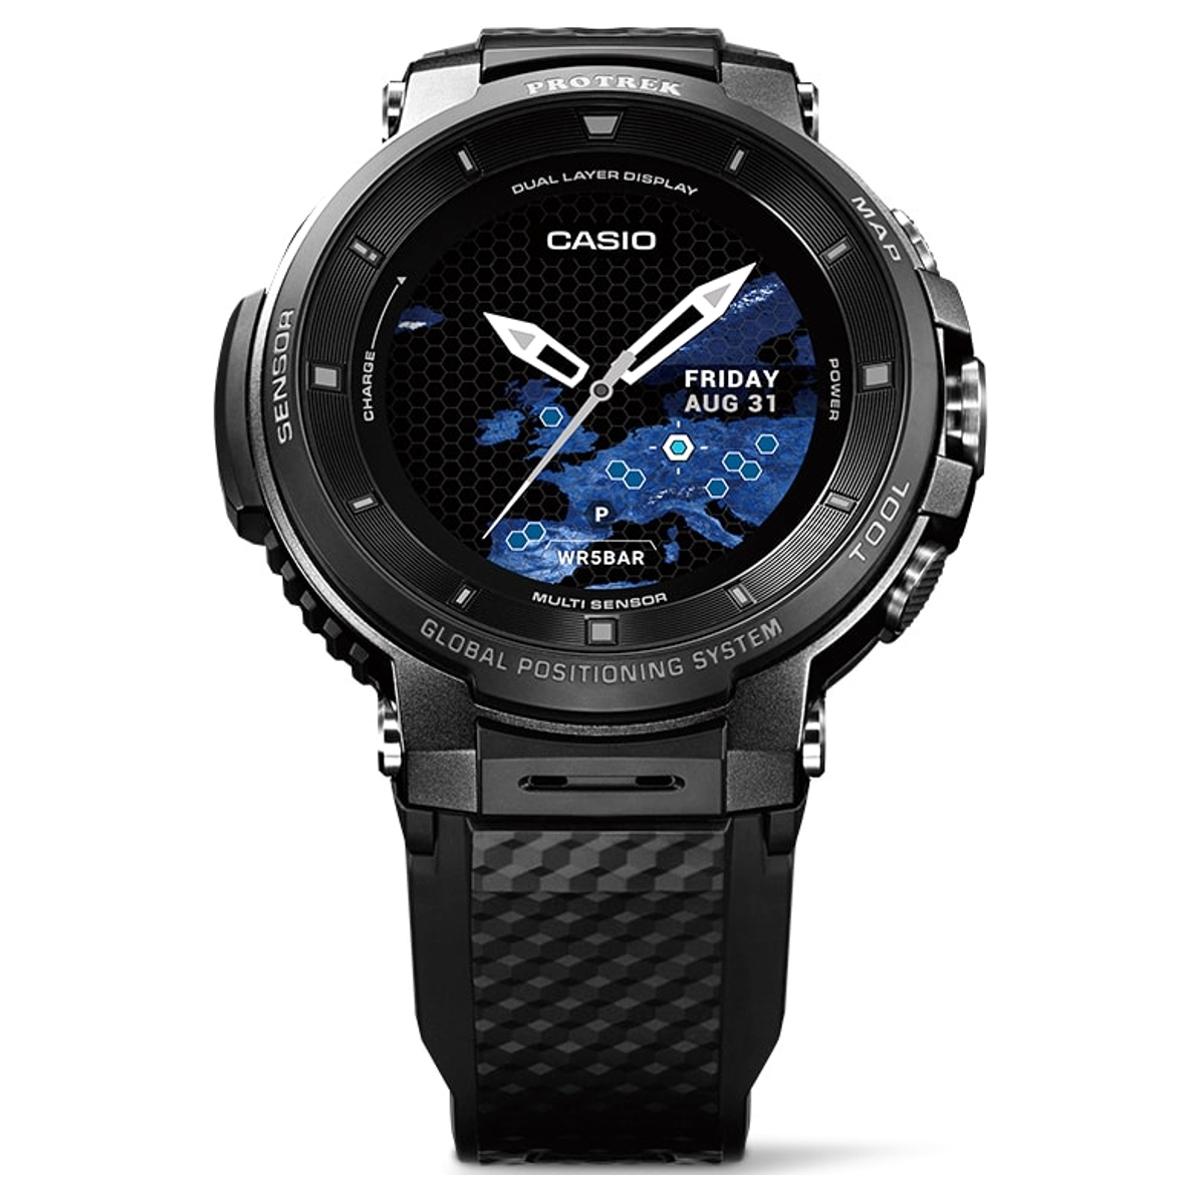 カシオ 腕時計 スマートウォッチ PRO TREK Smart WSD-F30-BK ブラック